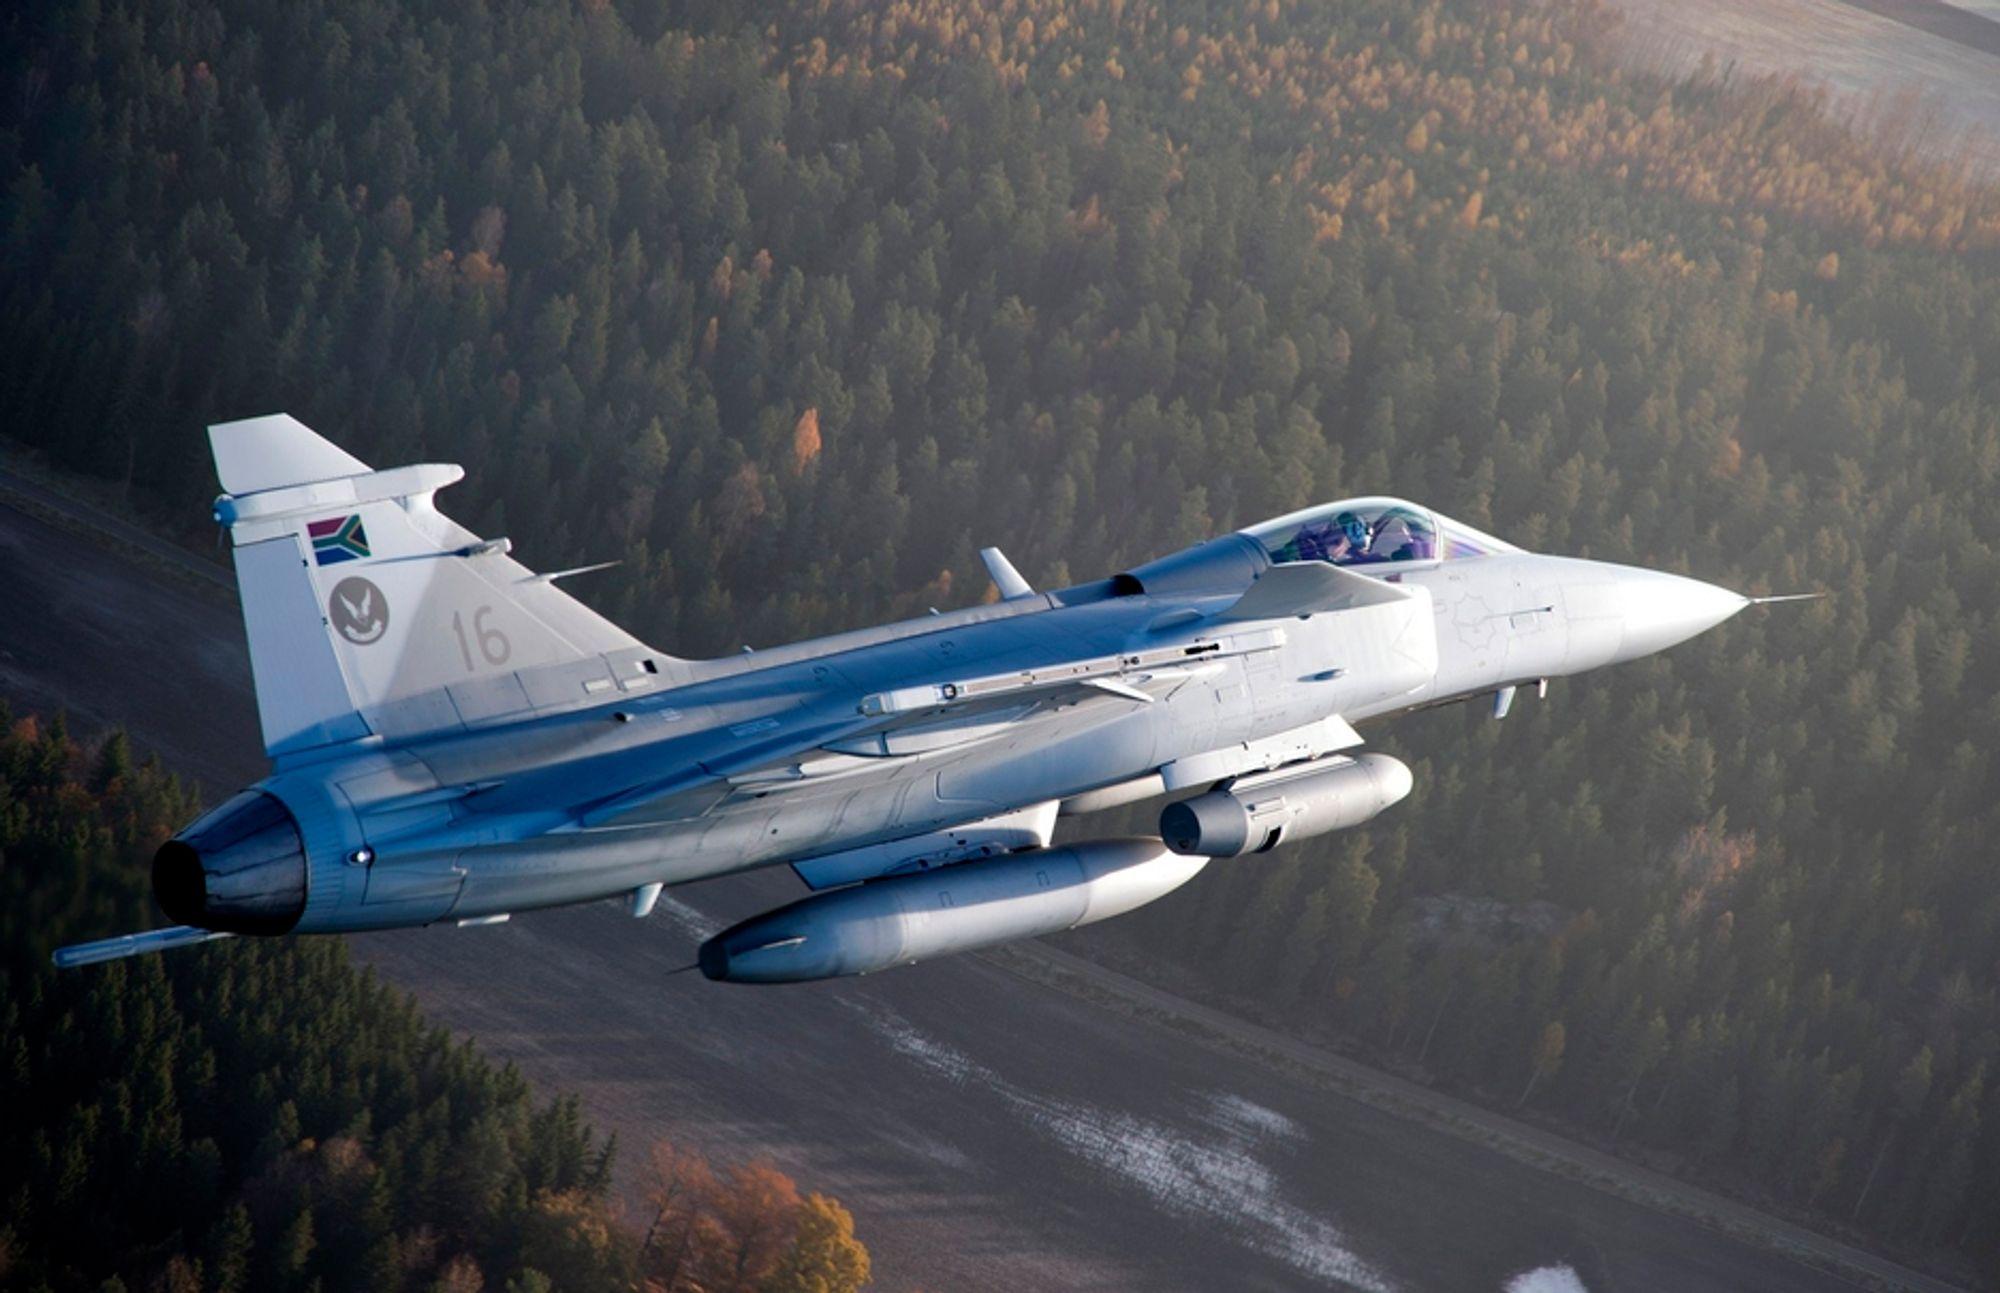 Saab lyktes med å eksportere Gripen til Sør-Afrika, men har nå røket ut av den indiske kampflykonkurransen sammen med Boeing, Lockheed Martin og Mikojan.